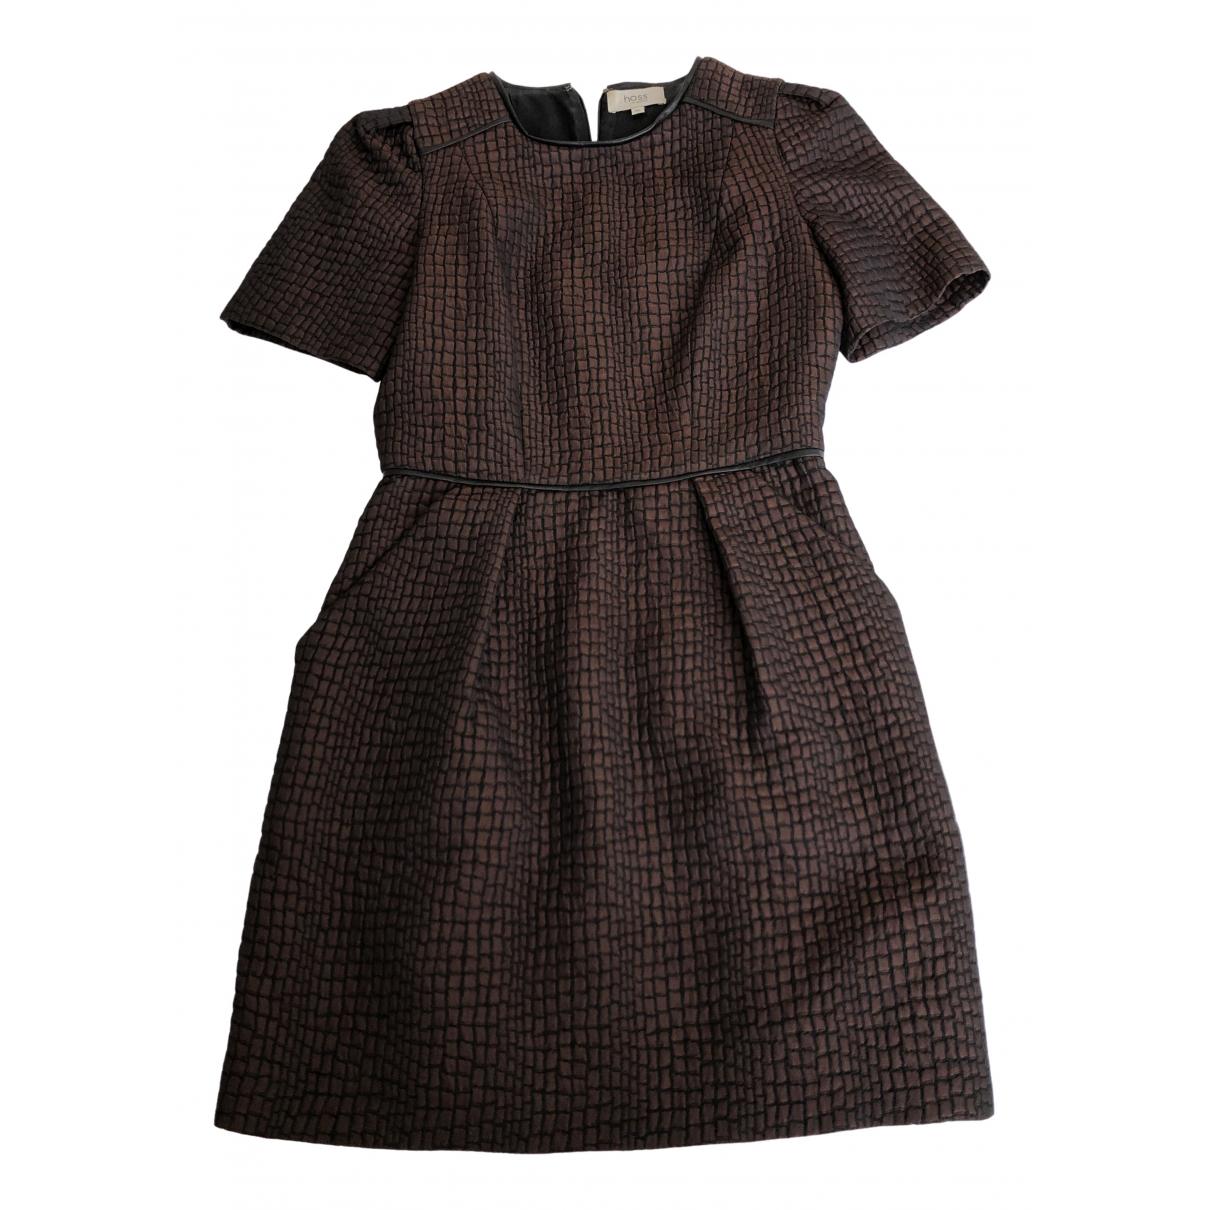 Hoss Intropia \N Kleid in  Braun Viskose